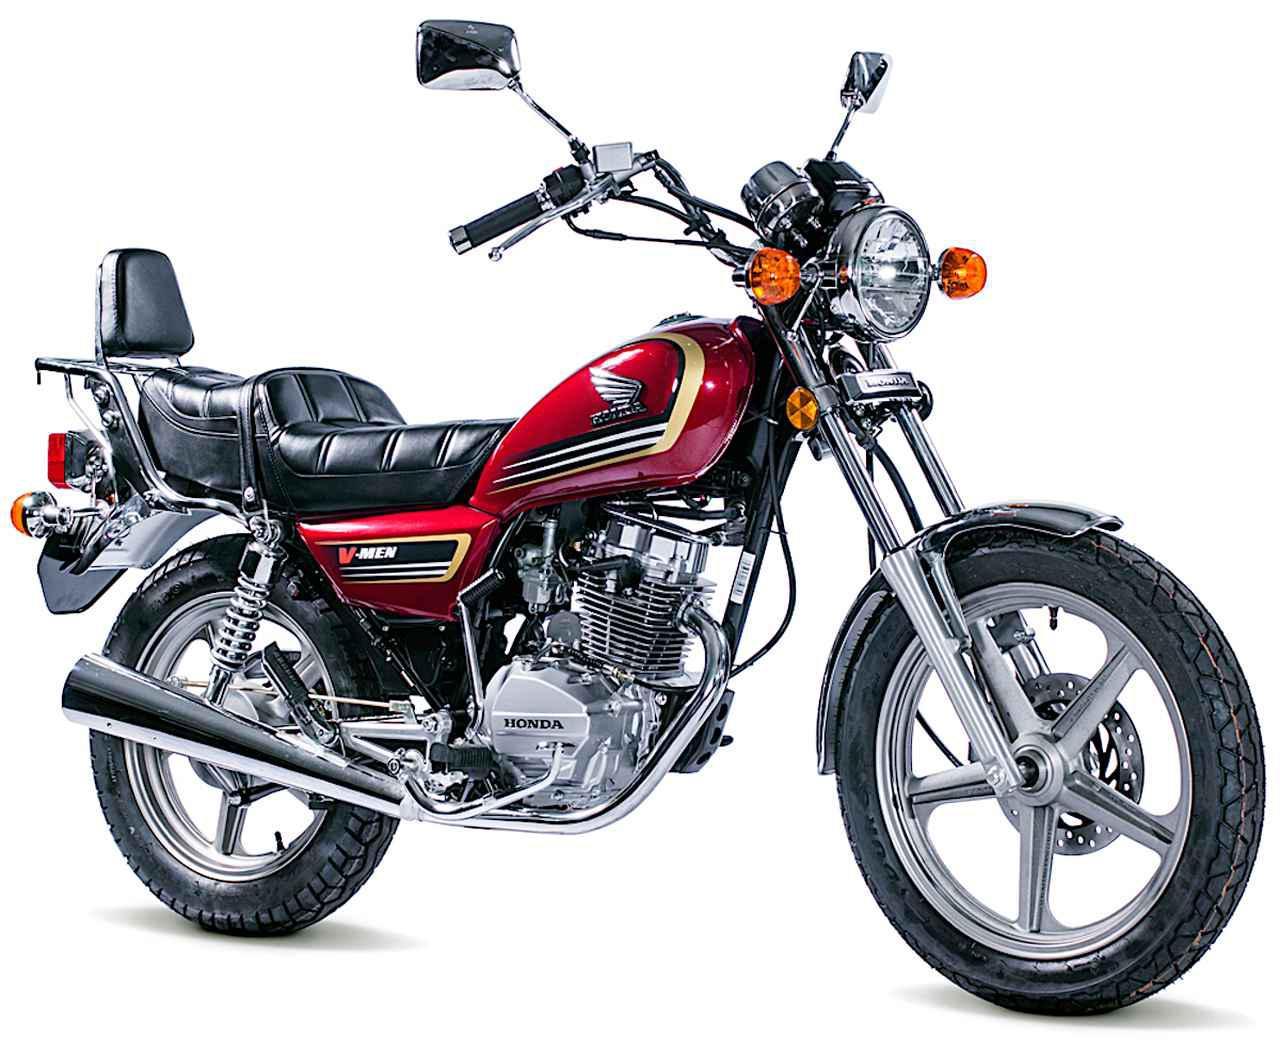 画像: Honda V-MEN125 総排気量:124.1cc エンジン形式:空冷4ストOHV2バルブ単気筒 車両重量:133kg